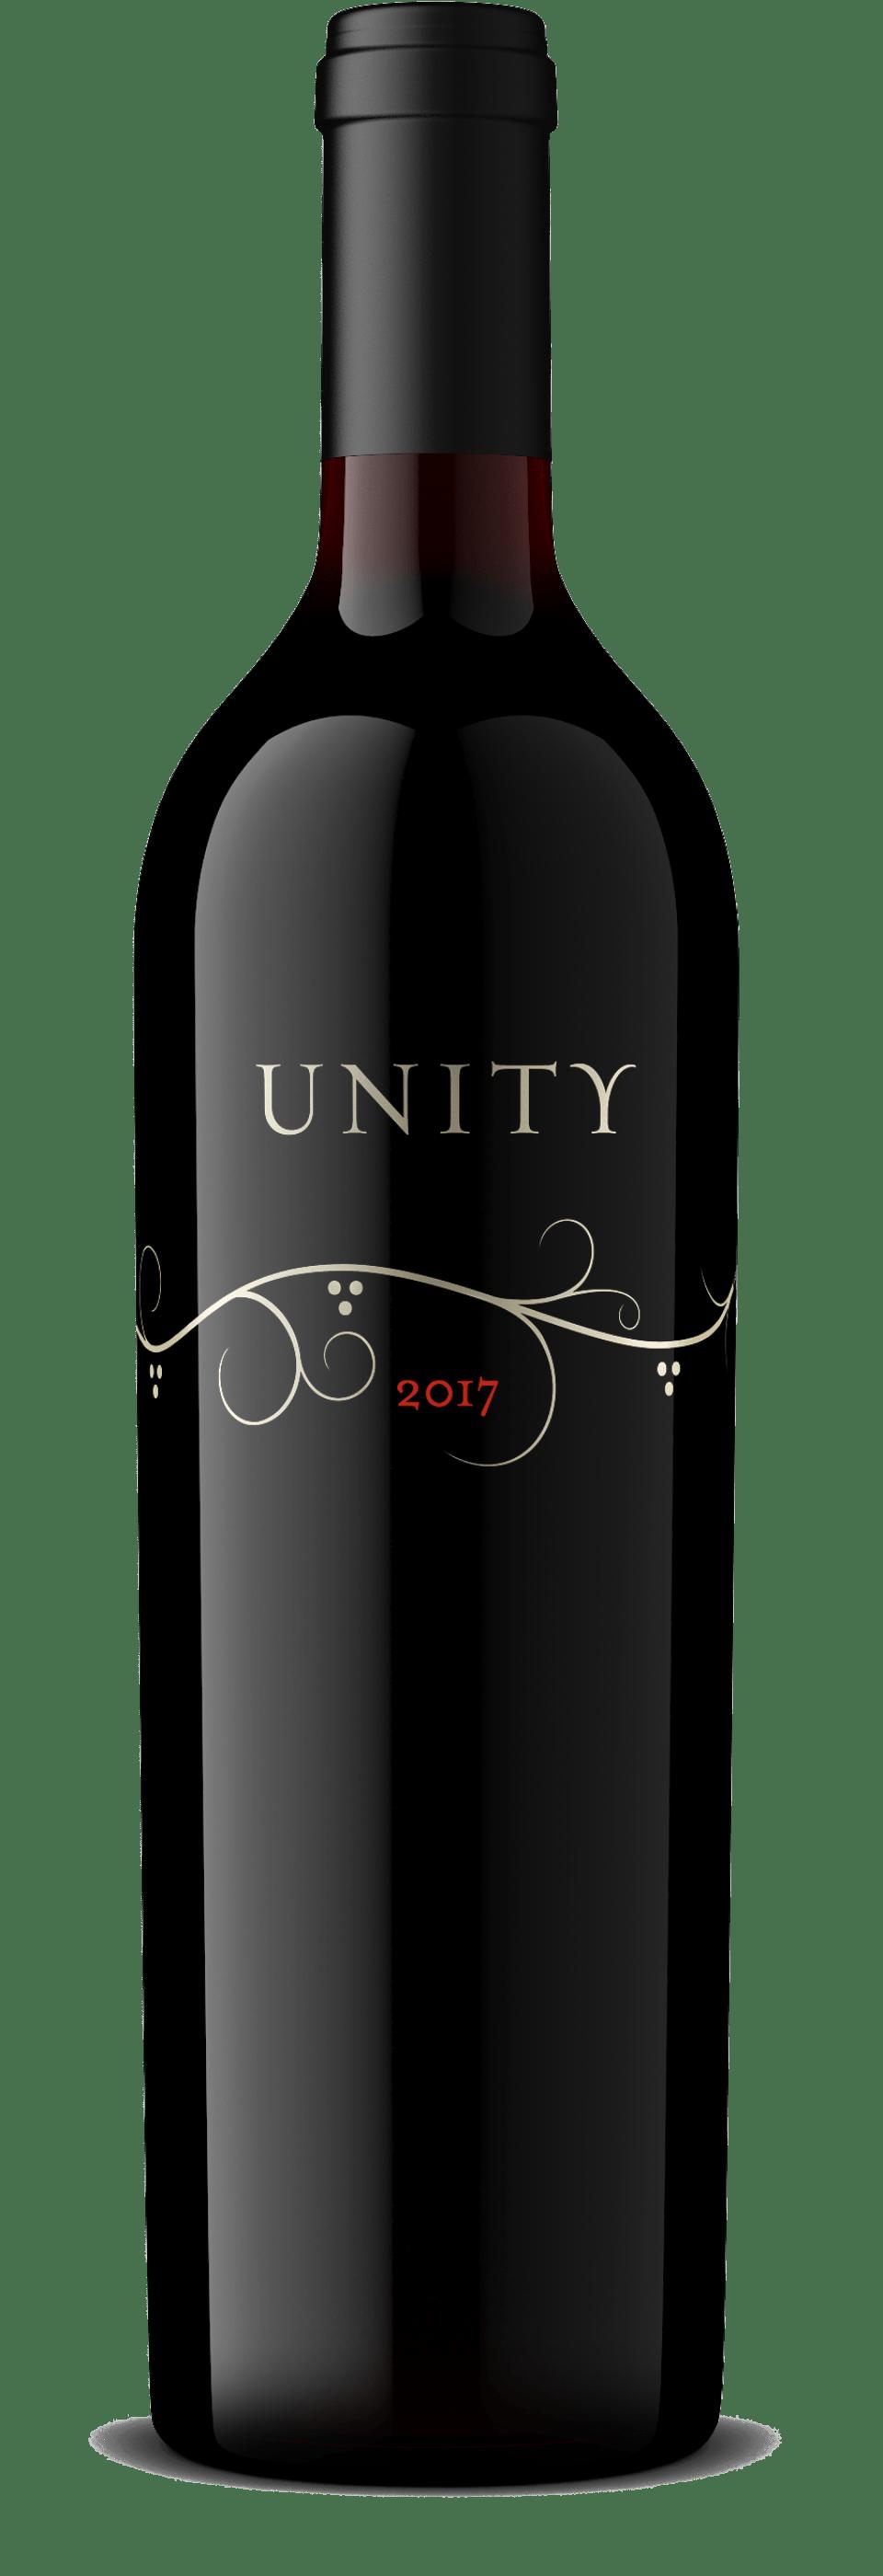 2017 UNITY